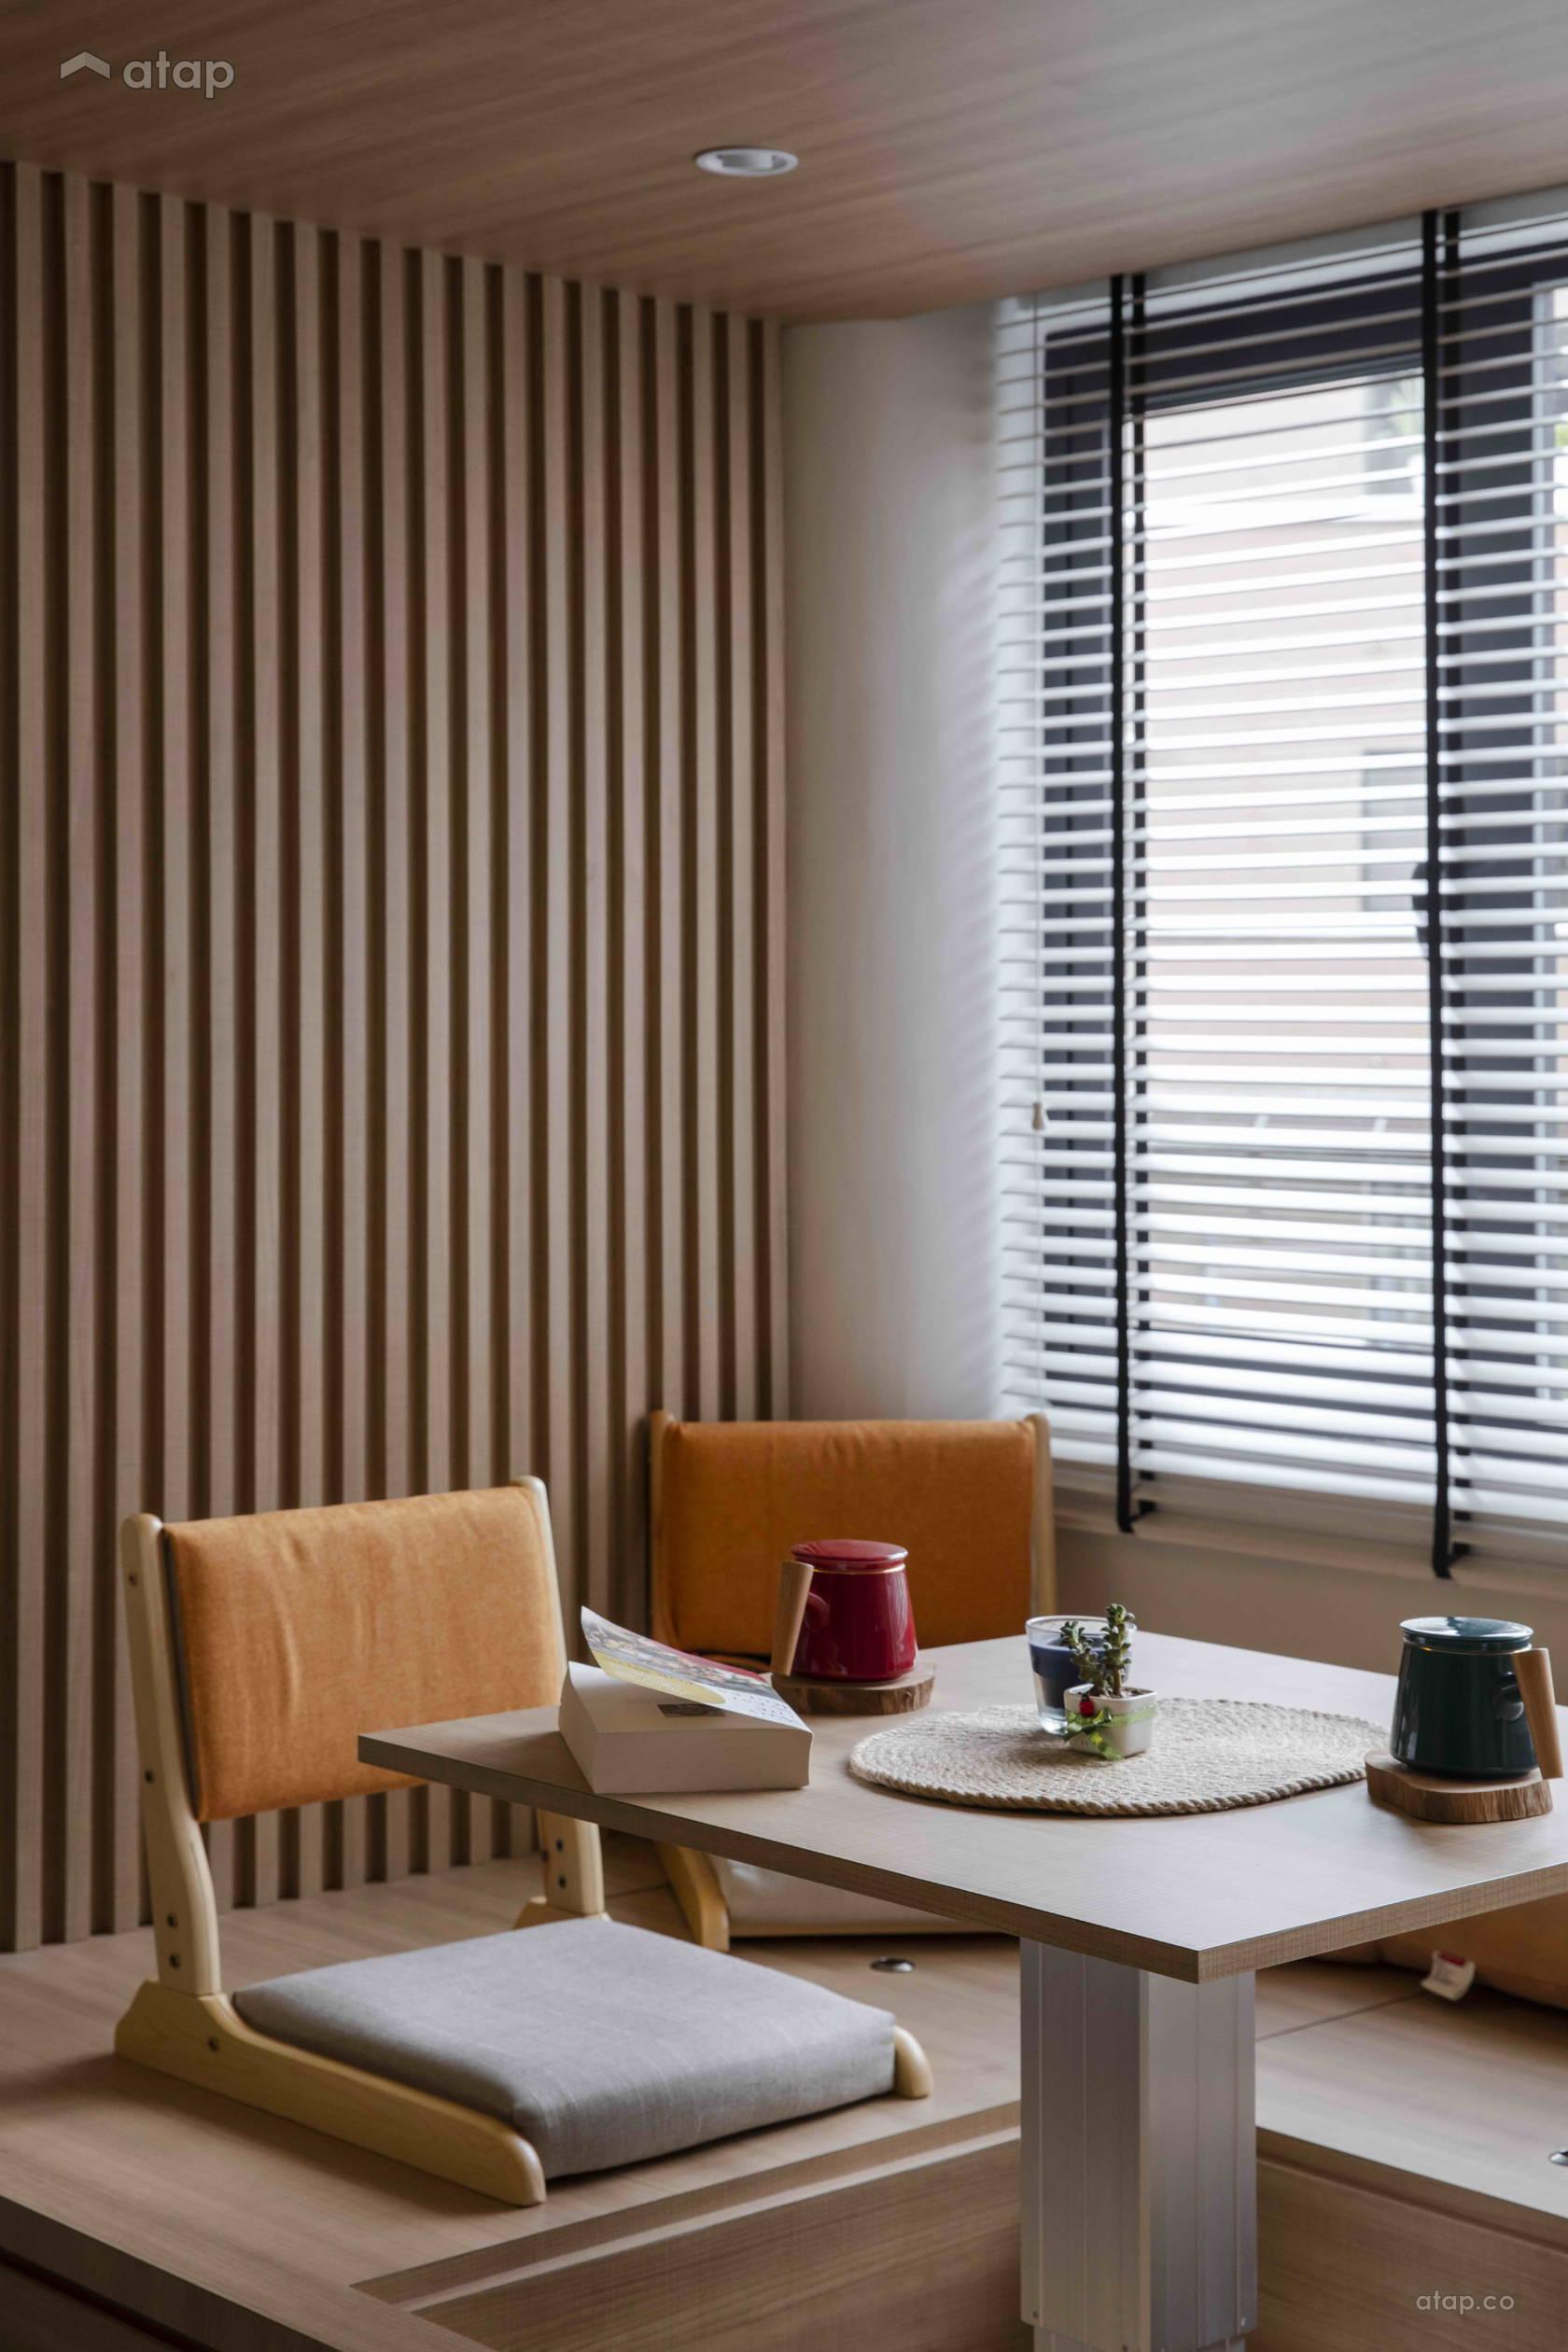 Condominium Study Room: Minimalistic Modern Balcony Study Room Condominium Design